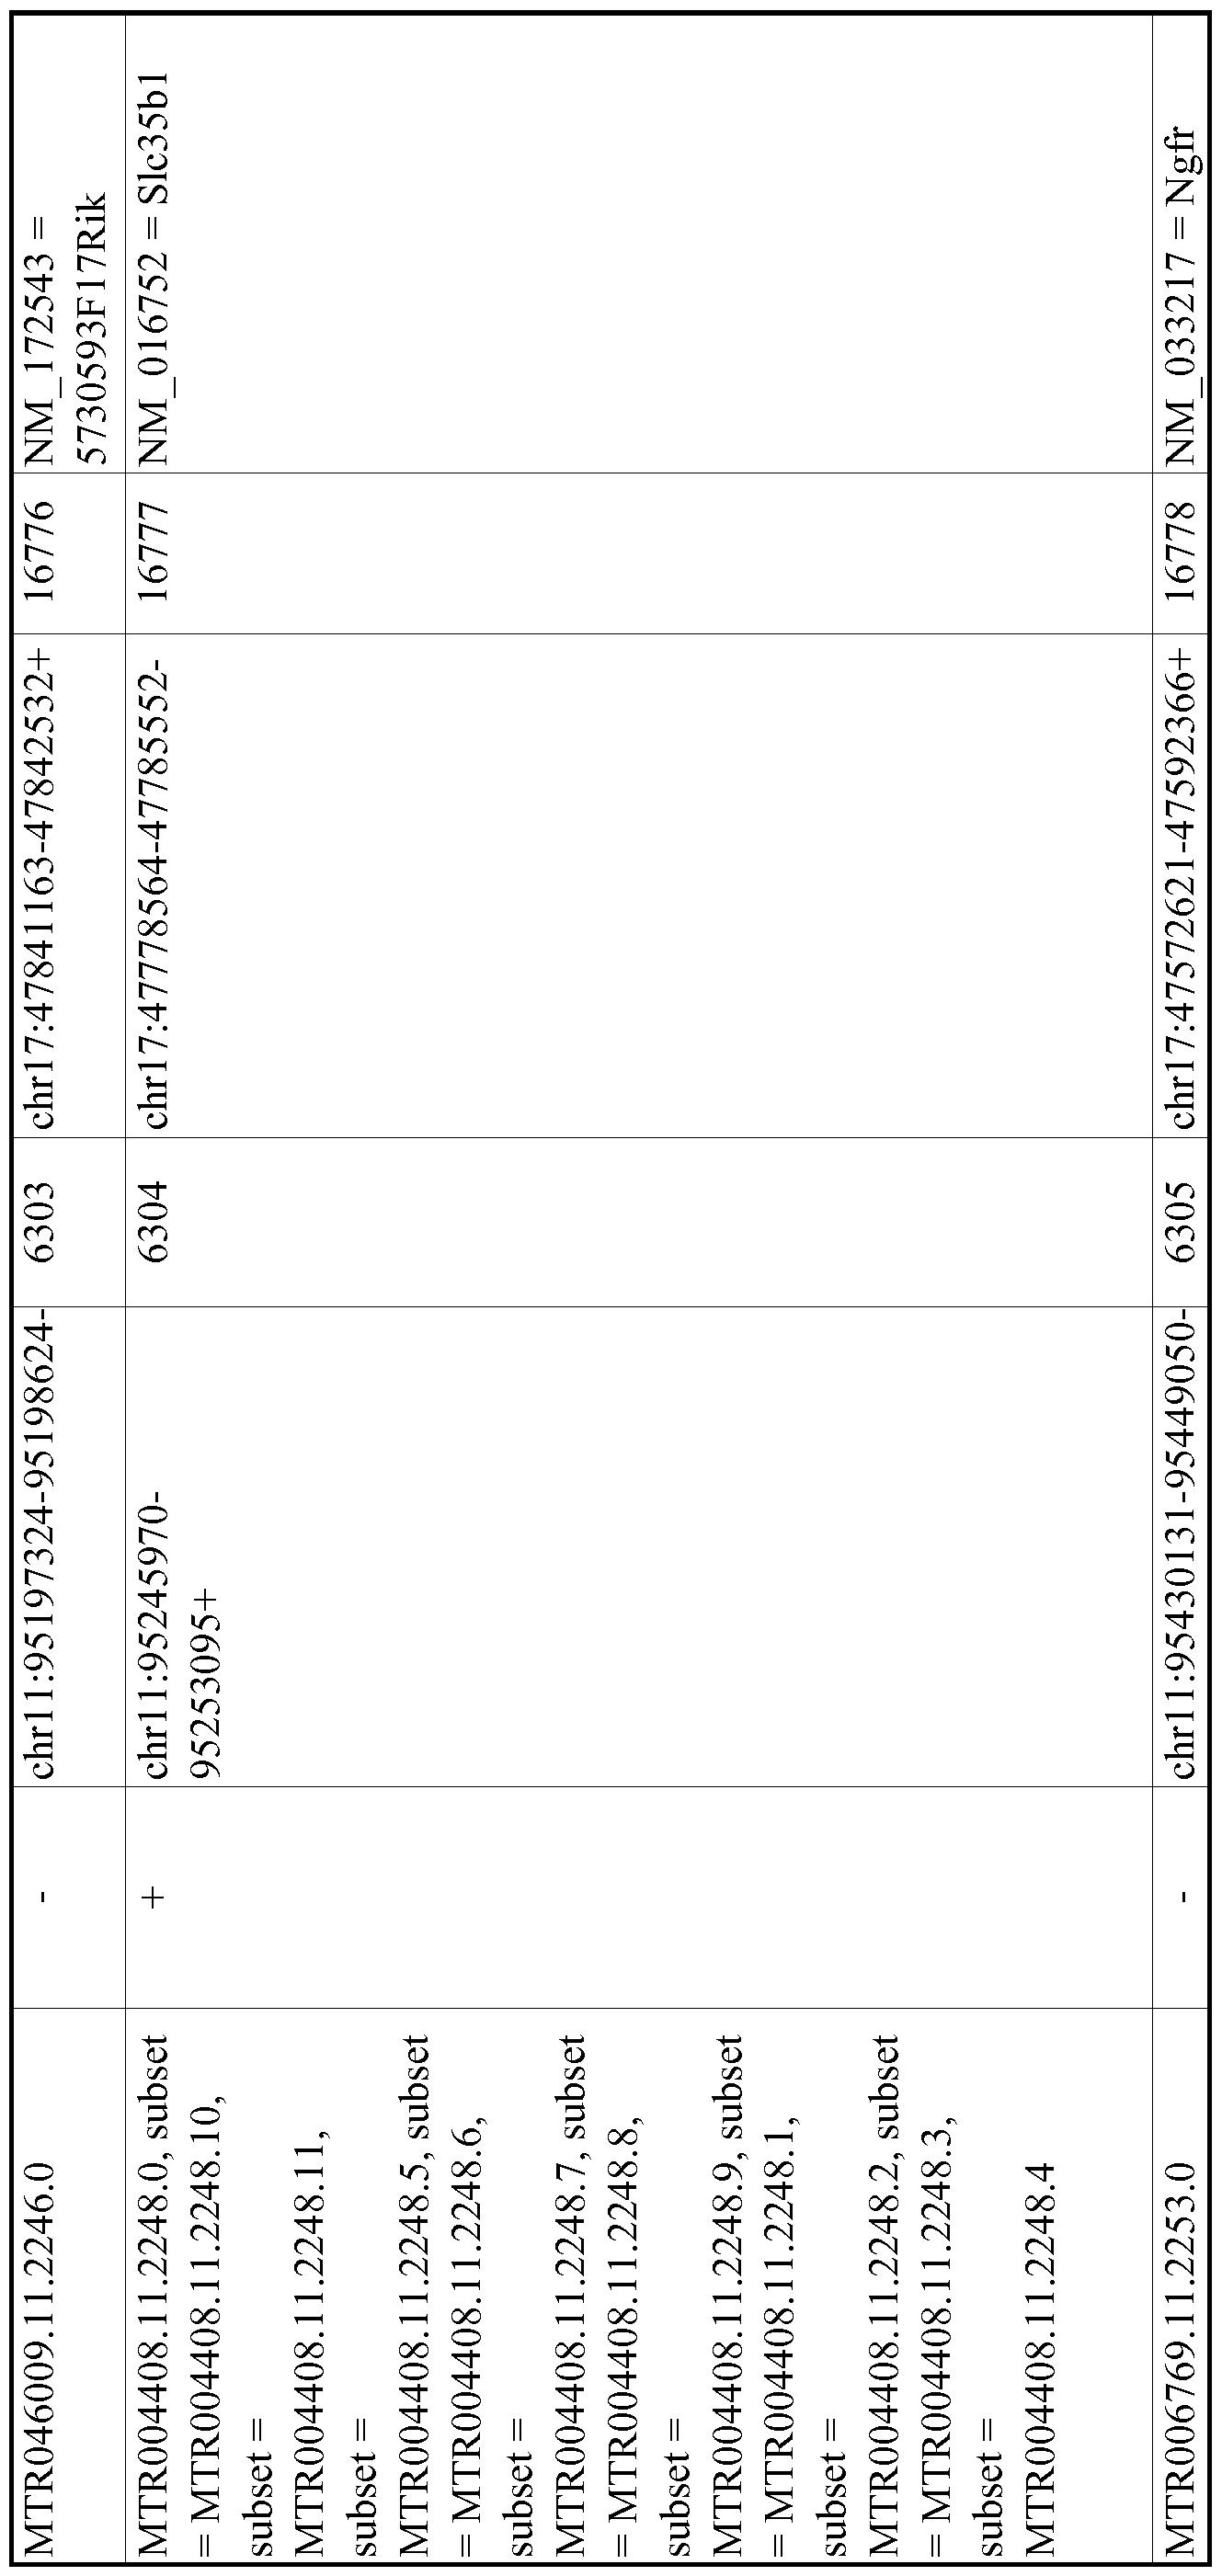 Figure imgf001132_0001